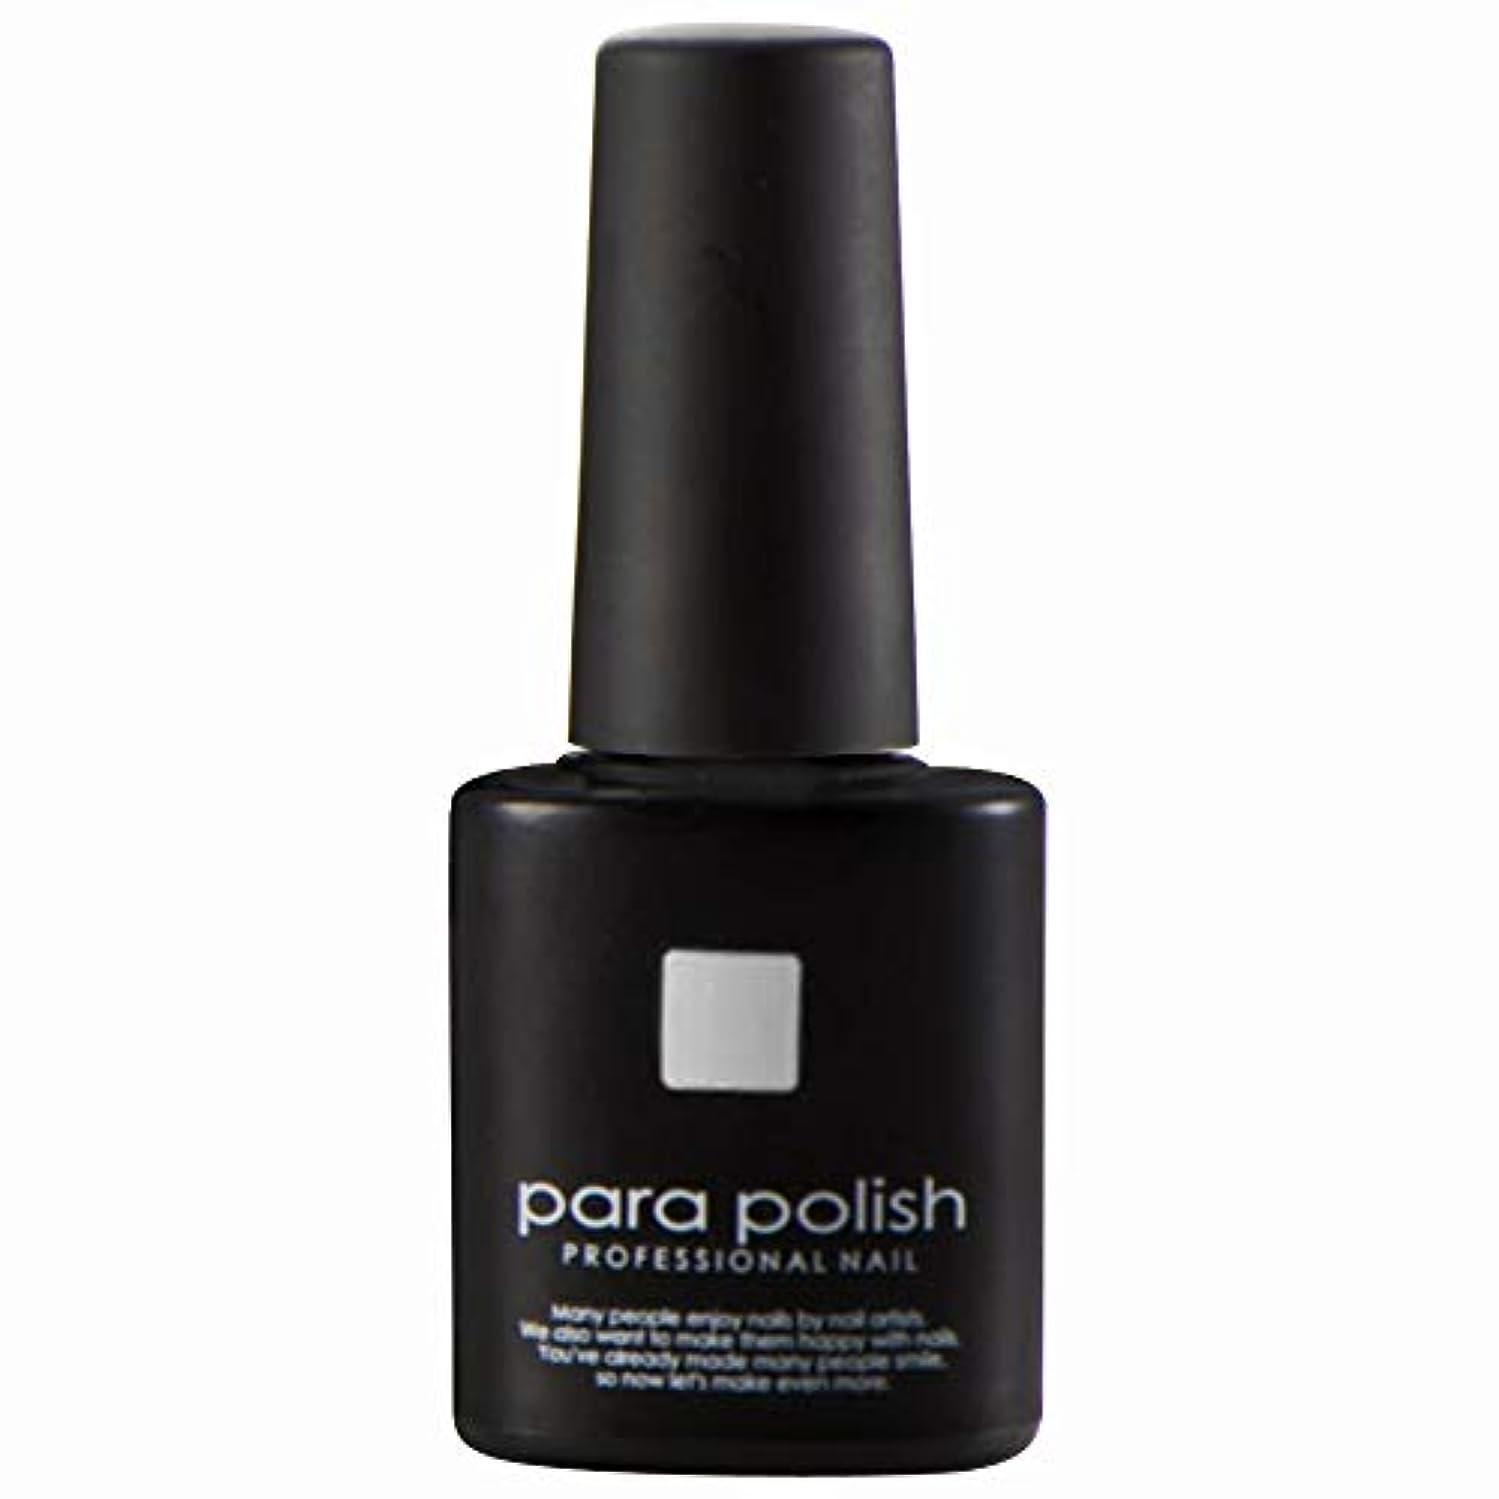 アクセント追加マッシュパラジェル para polish(パラポリッシュ) カラージェル V7 ディープレッド 7g